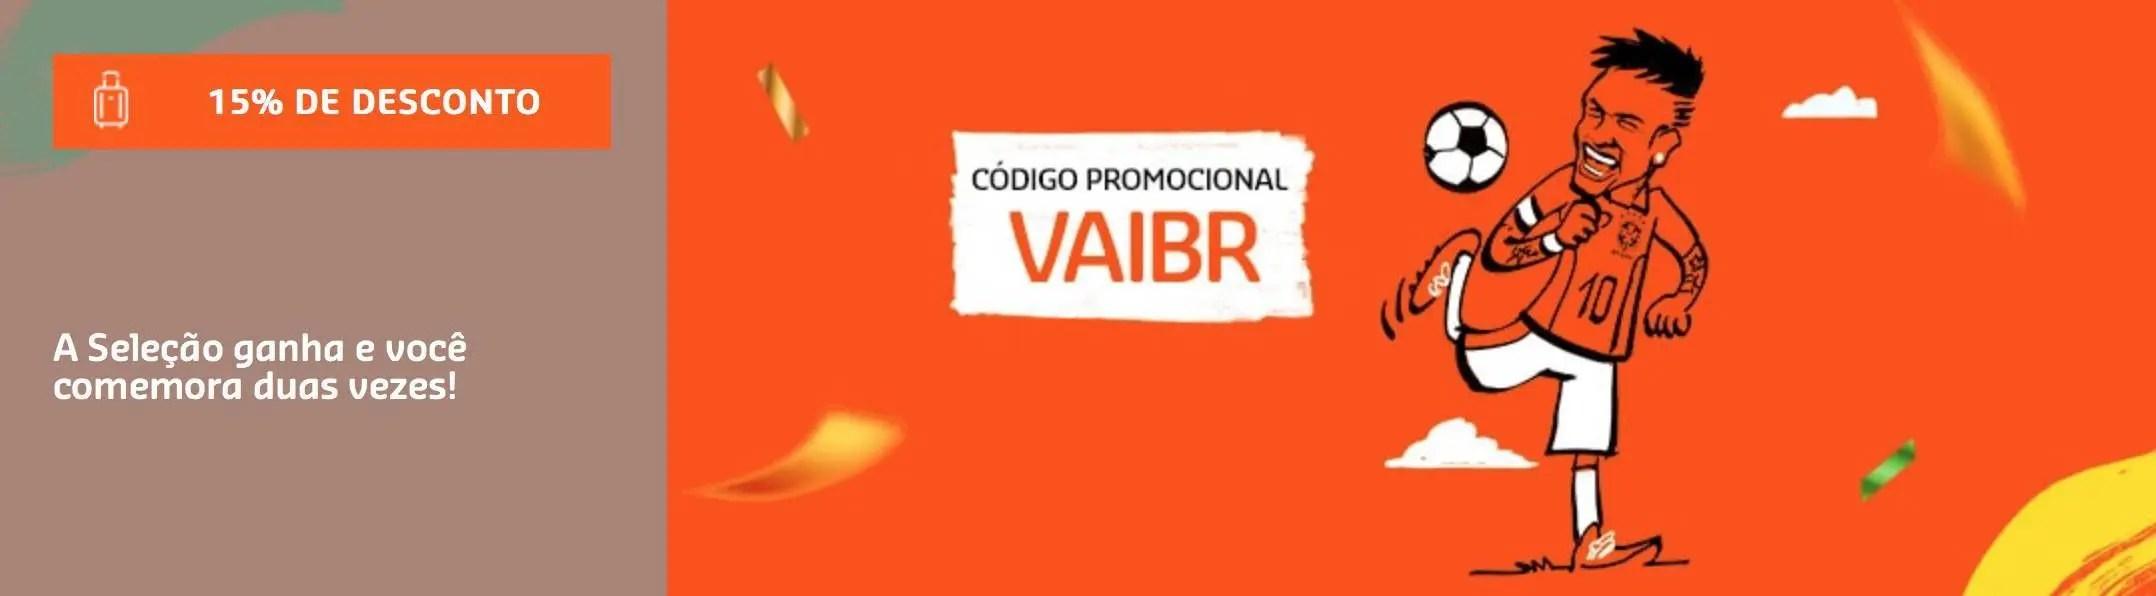 """49e4b7a82 Para participar basta inserir o código """"VAIBR"""" no momento da BUSCA das  passagens."""